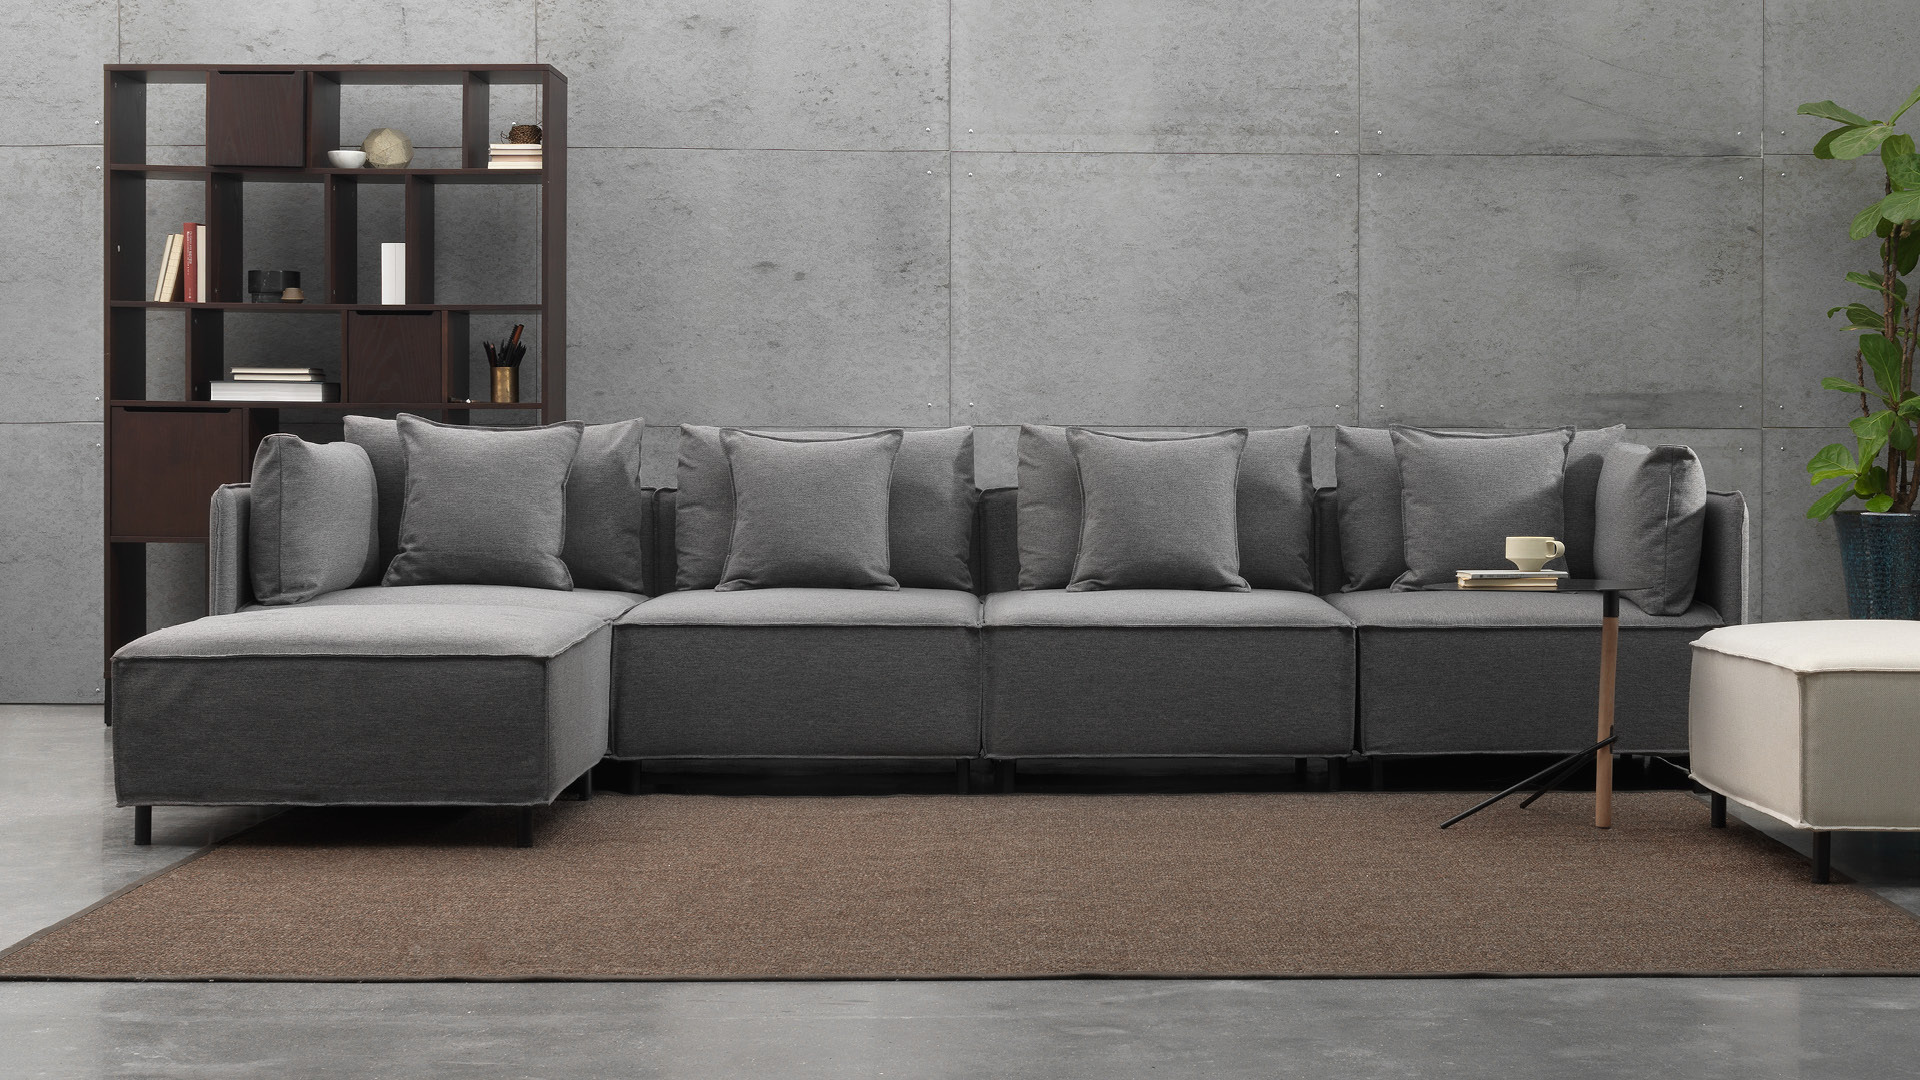 畅快大身姿,宽敞客厅的舒适之选